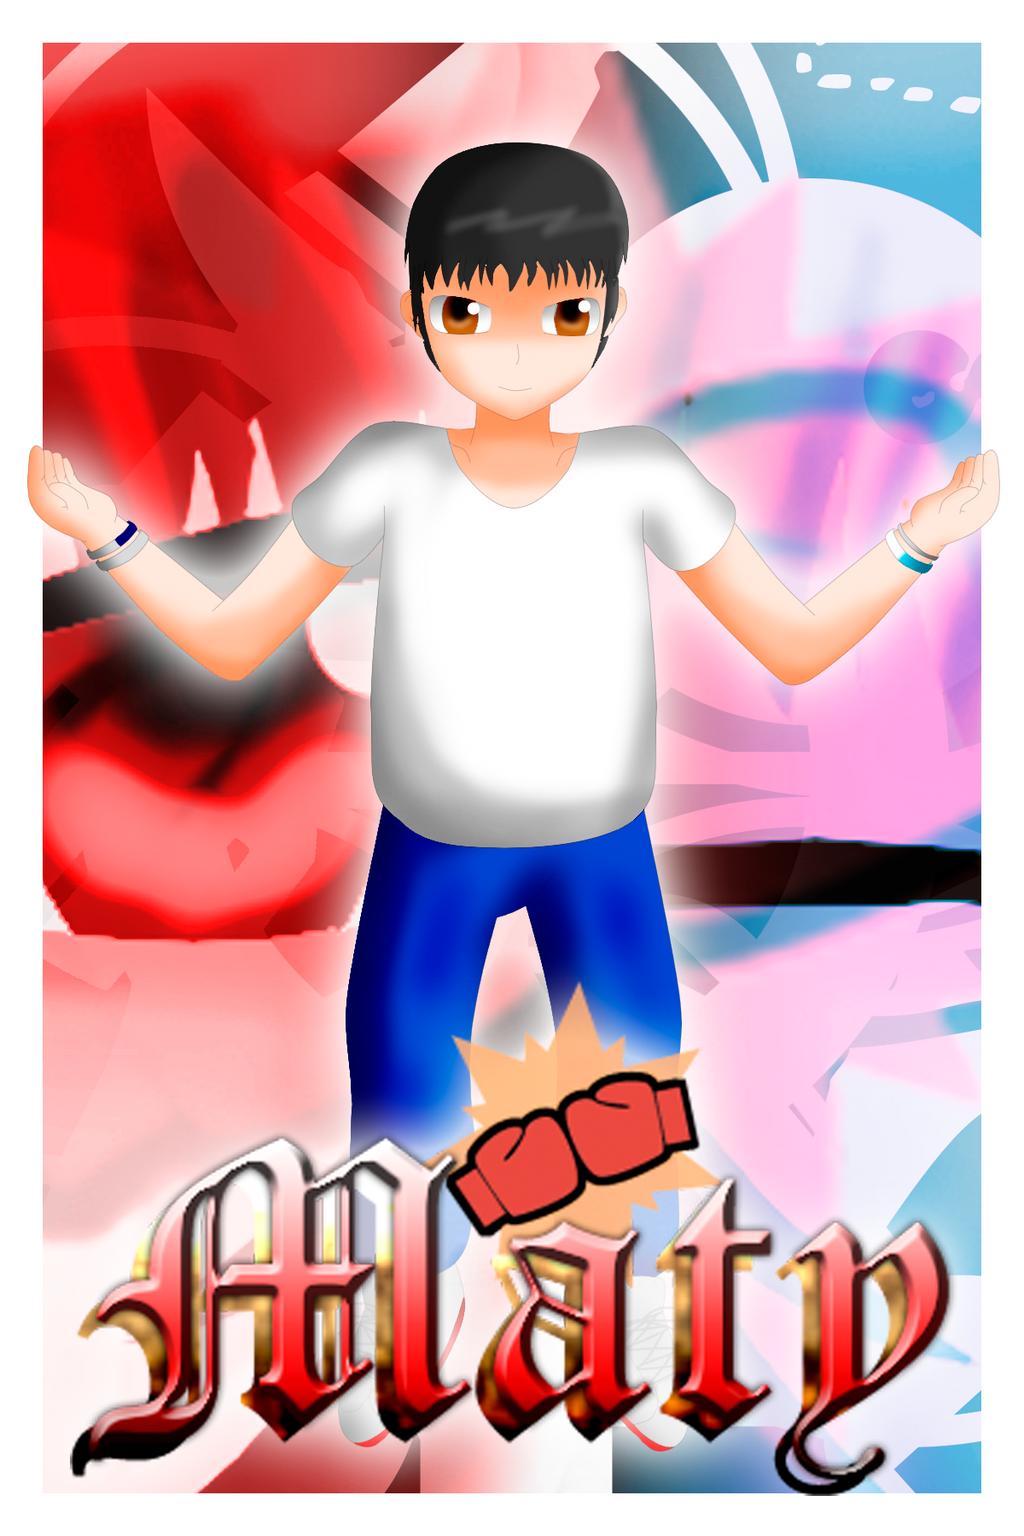 YukariMT15's Profile Picture